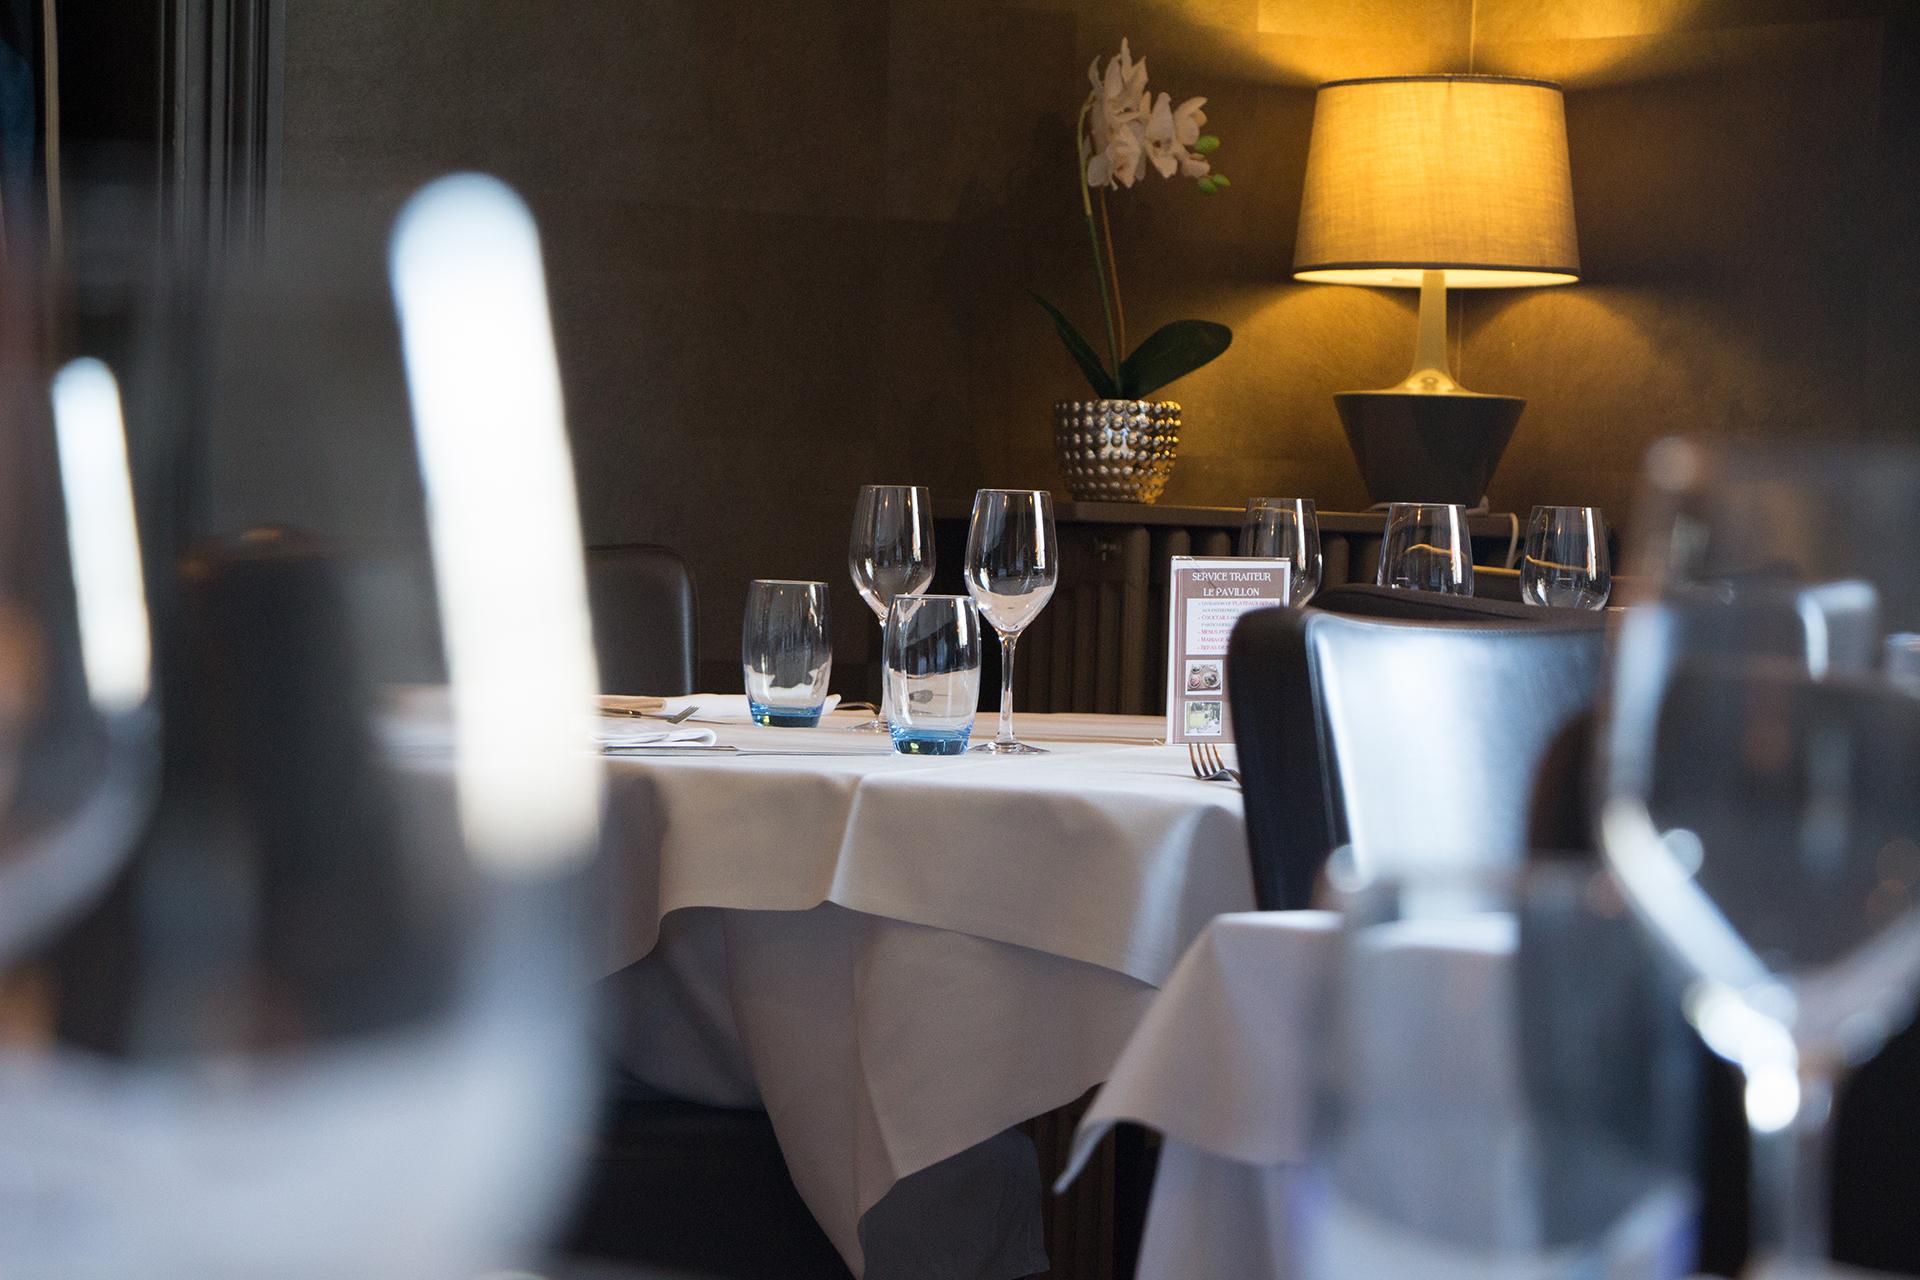 Réservation salle Restaurant gastronomique à St Herblain près de Nantes